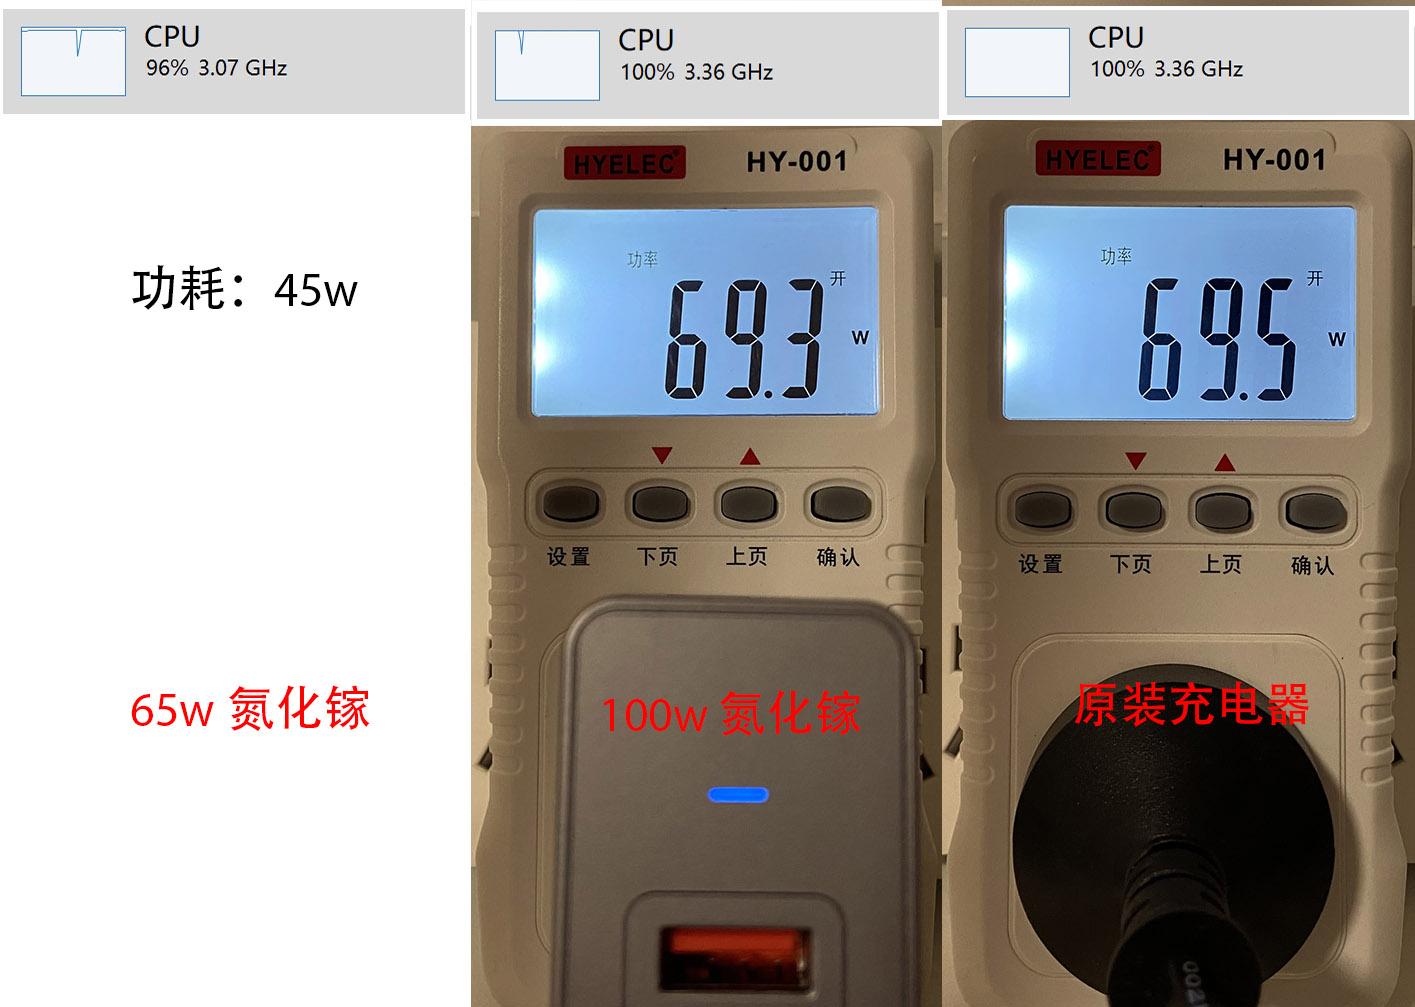 多核频率功耗对比.jpg